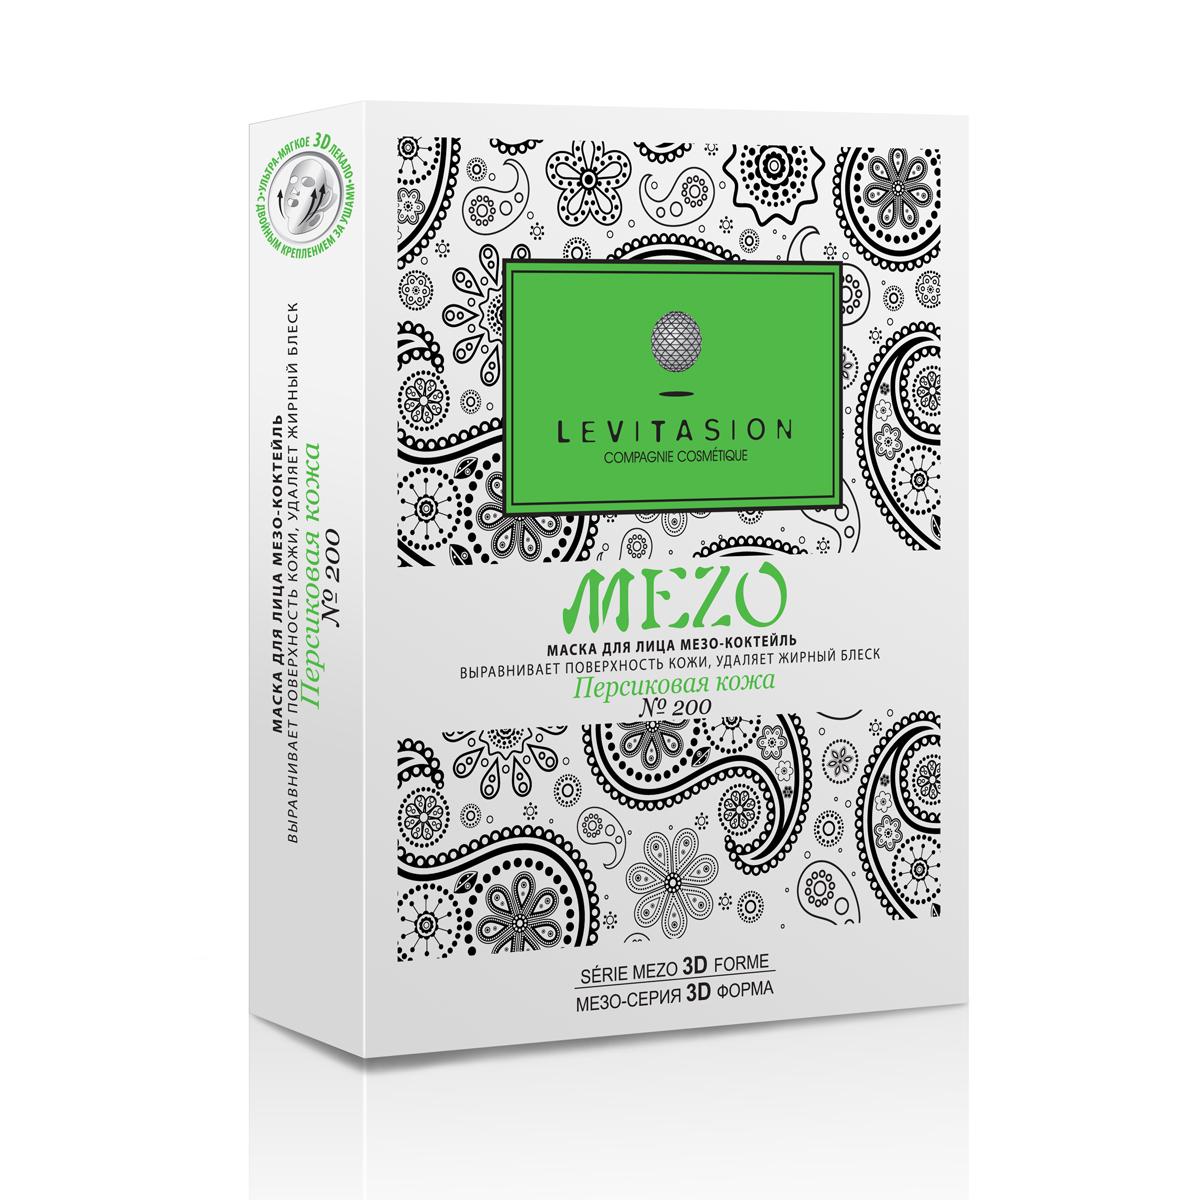 Levitasion MEZO маска для лица Персиковая кожа №200, 5 штМ216Выравнивает поверхность кожи, оказывает противовоспалительное и регенерирующее действие, нормализует гидролипидный баланс, удаляет жирный блеск, дарит выраженный омолаживающий эффект, делает кожу нежной и шелковистой.